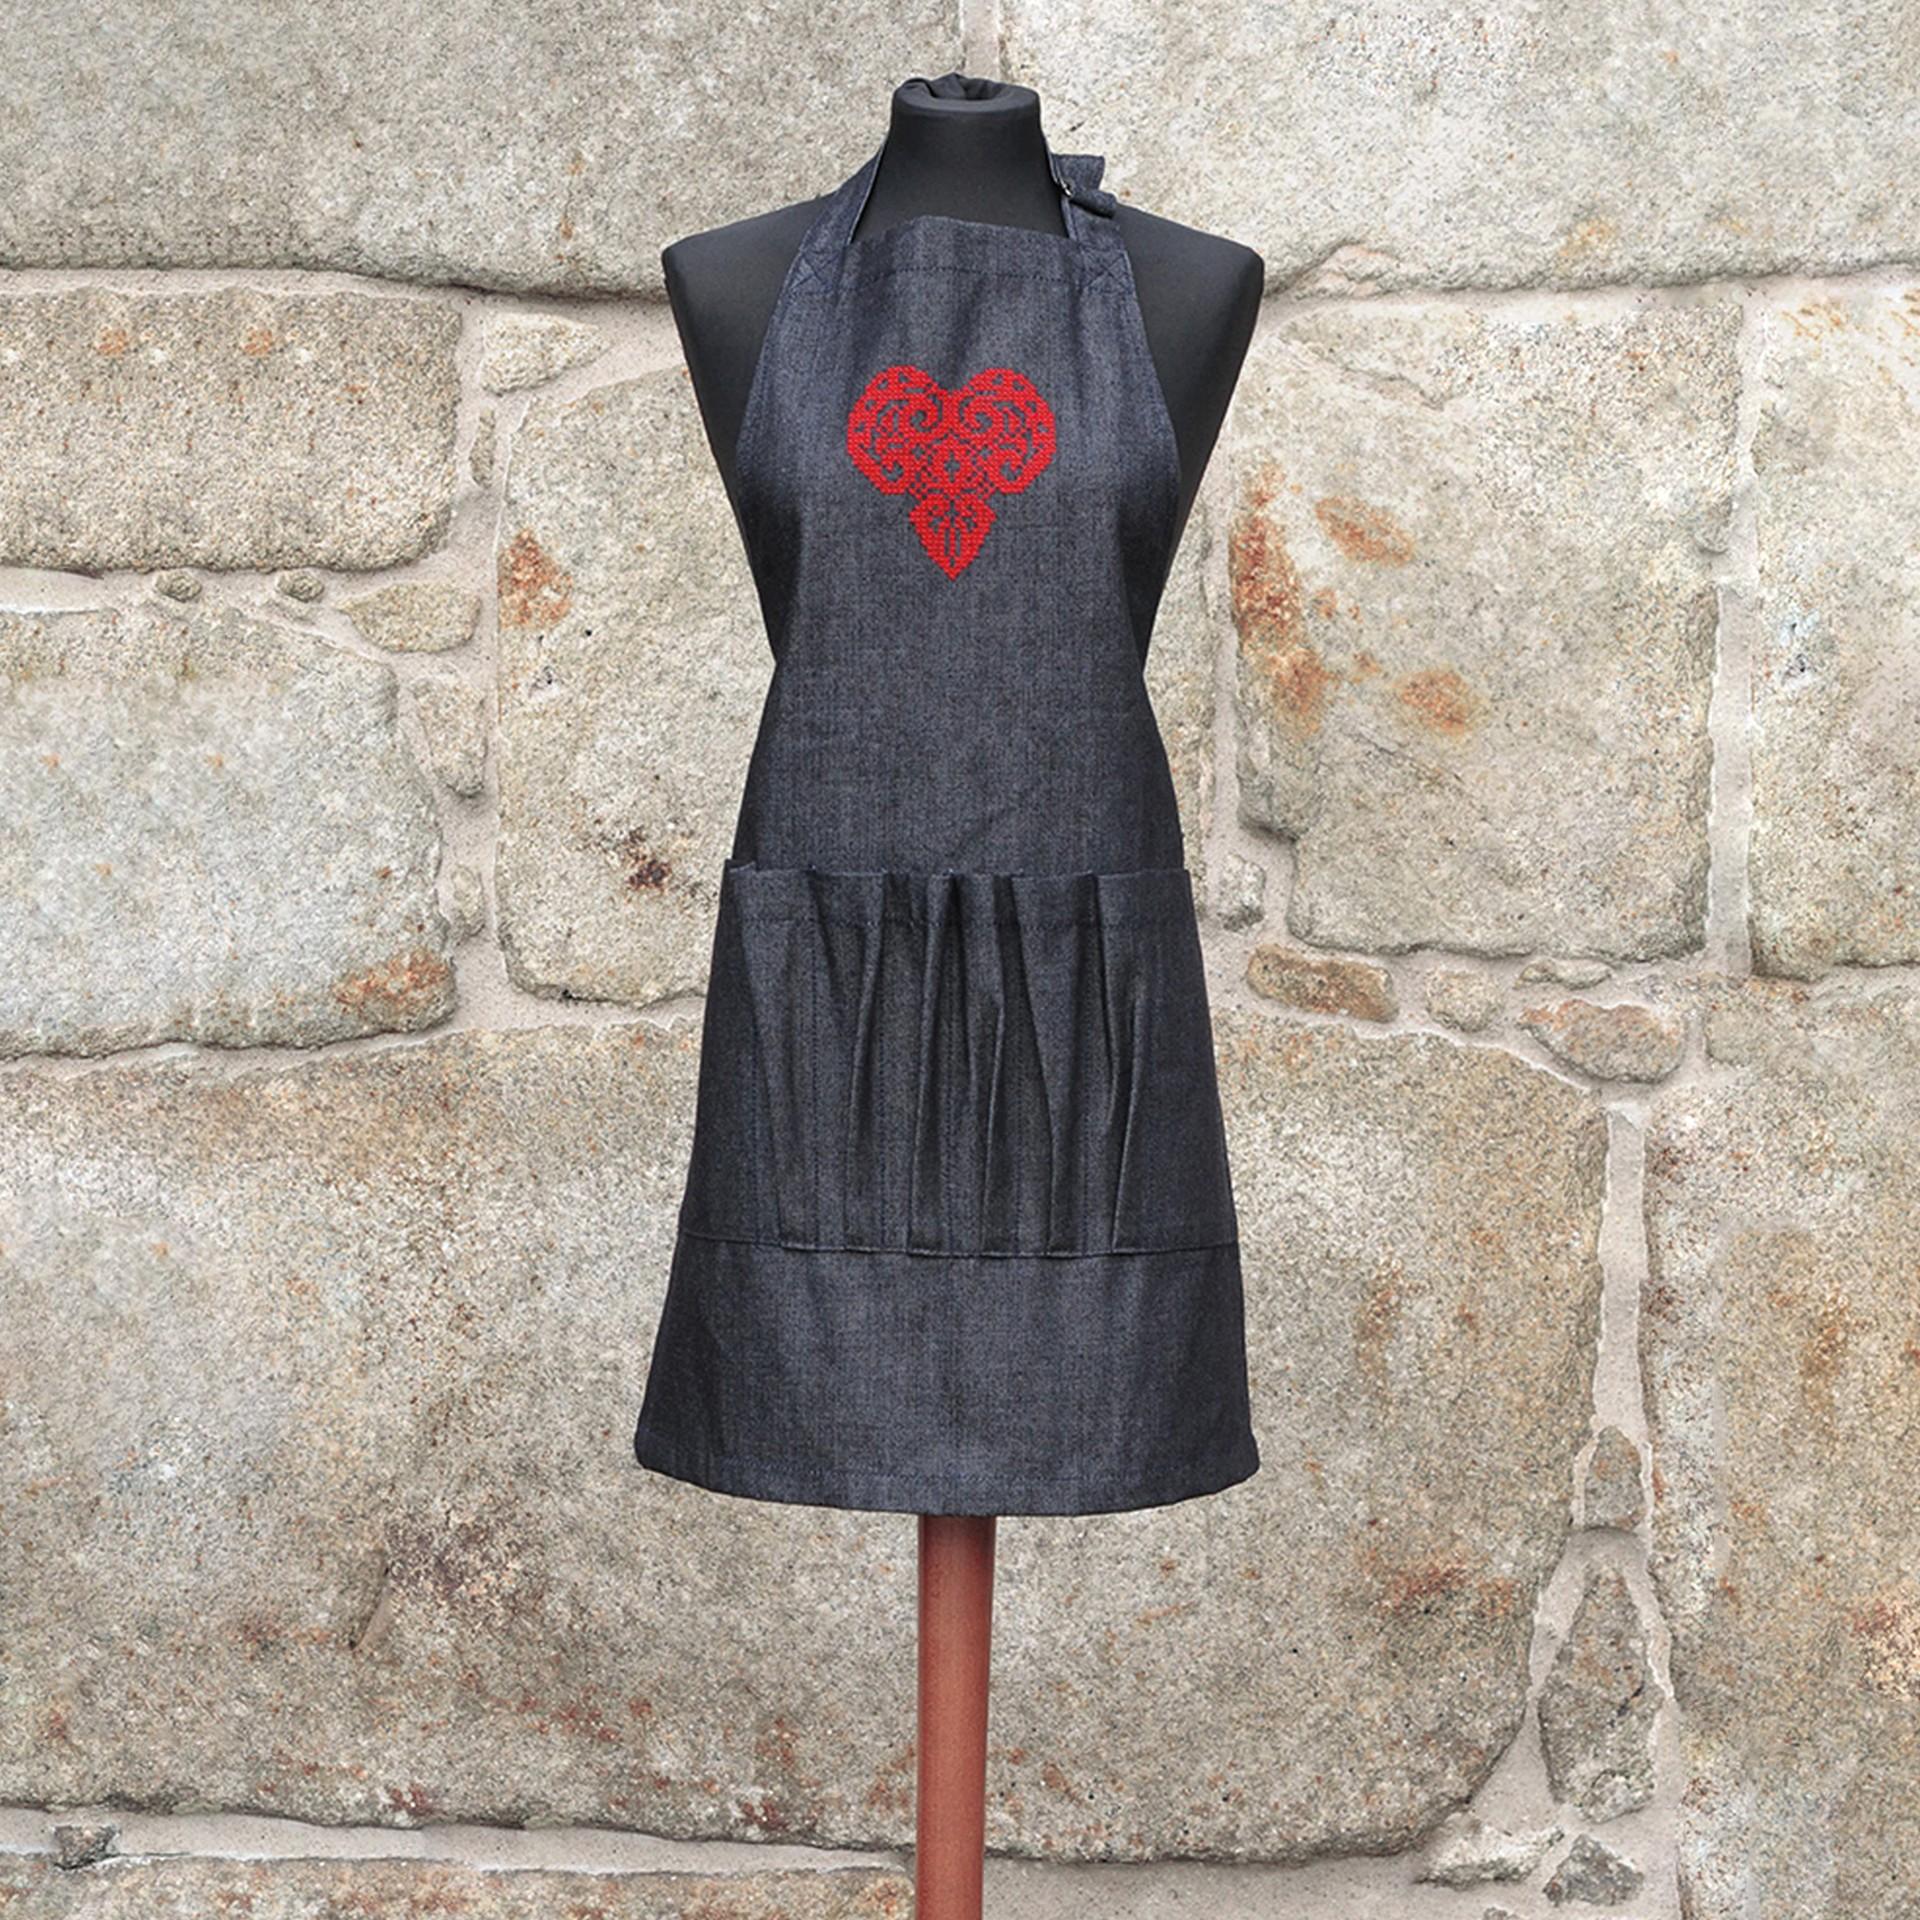 Avental em ganga - coração vermelho em filigrana, com folhos